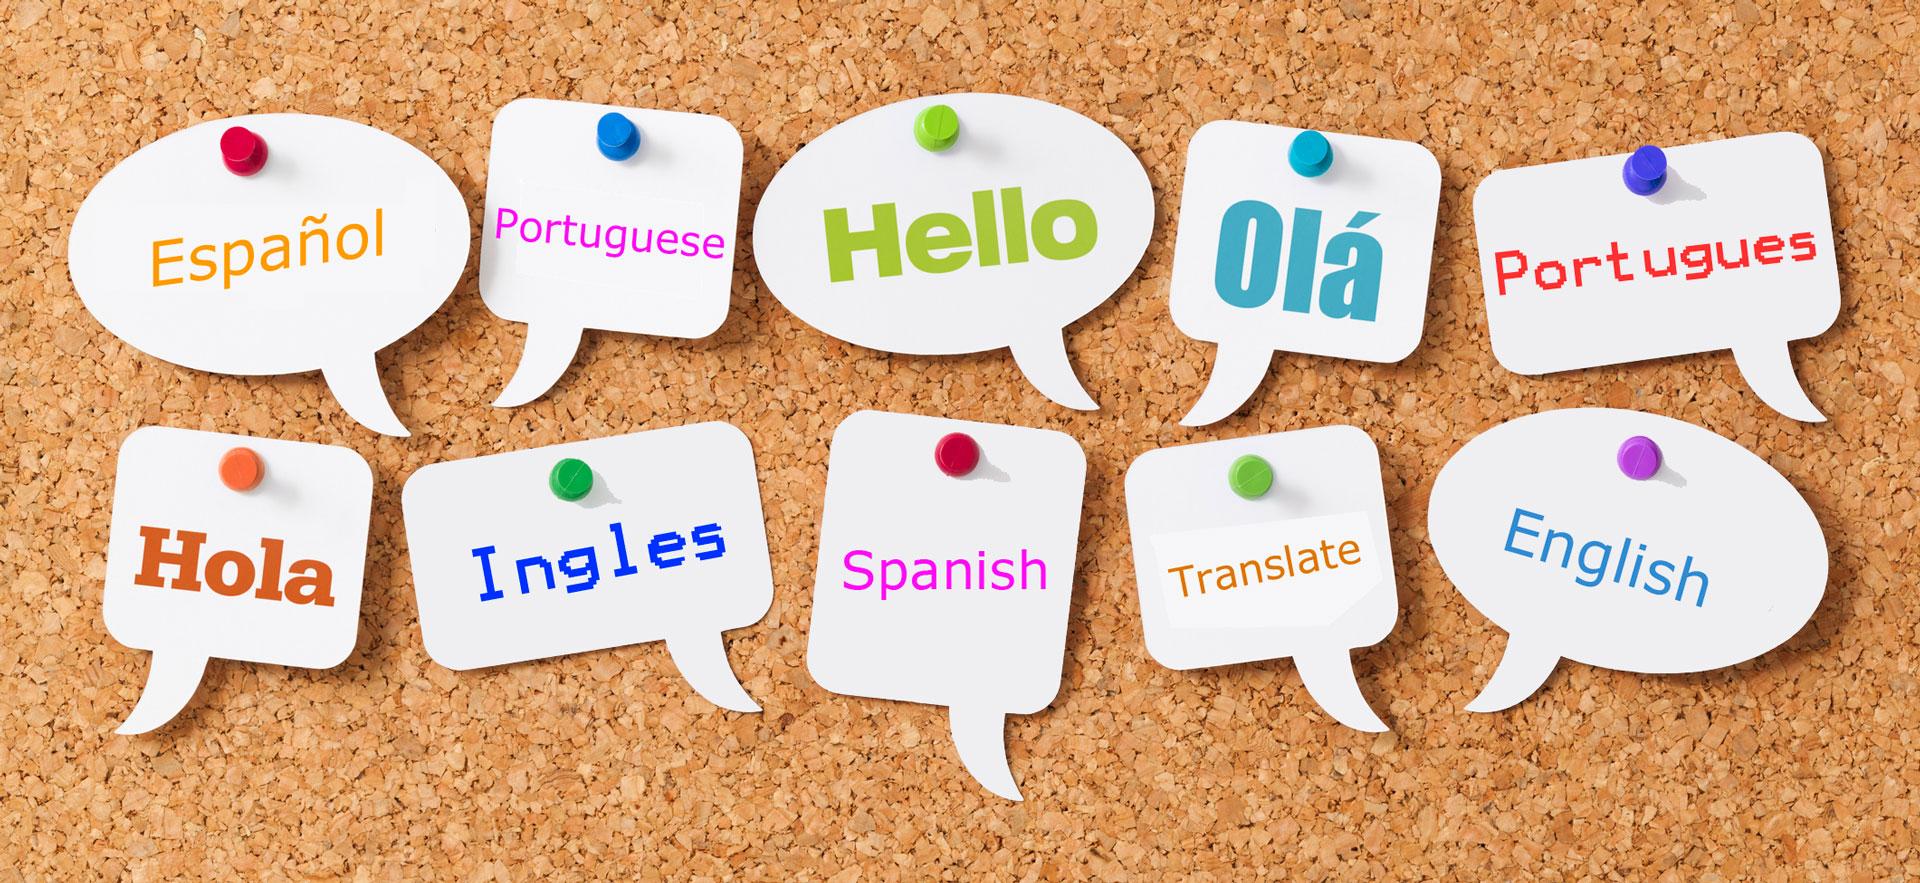 translations-180722472